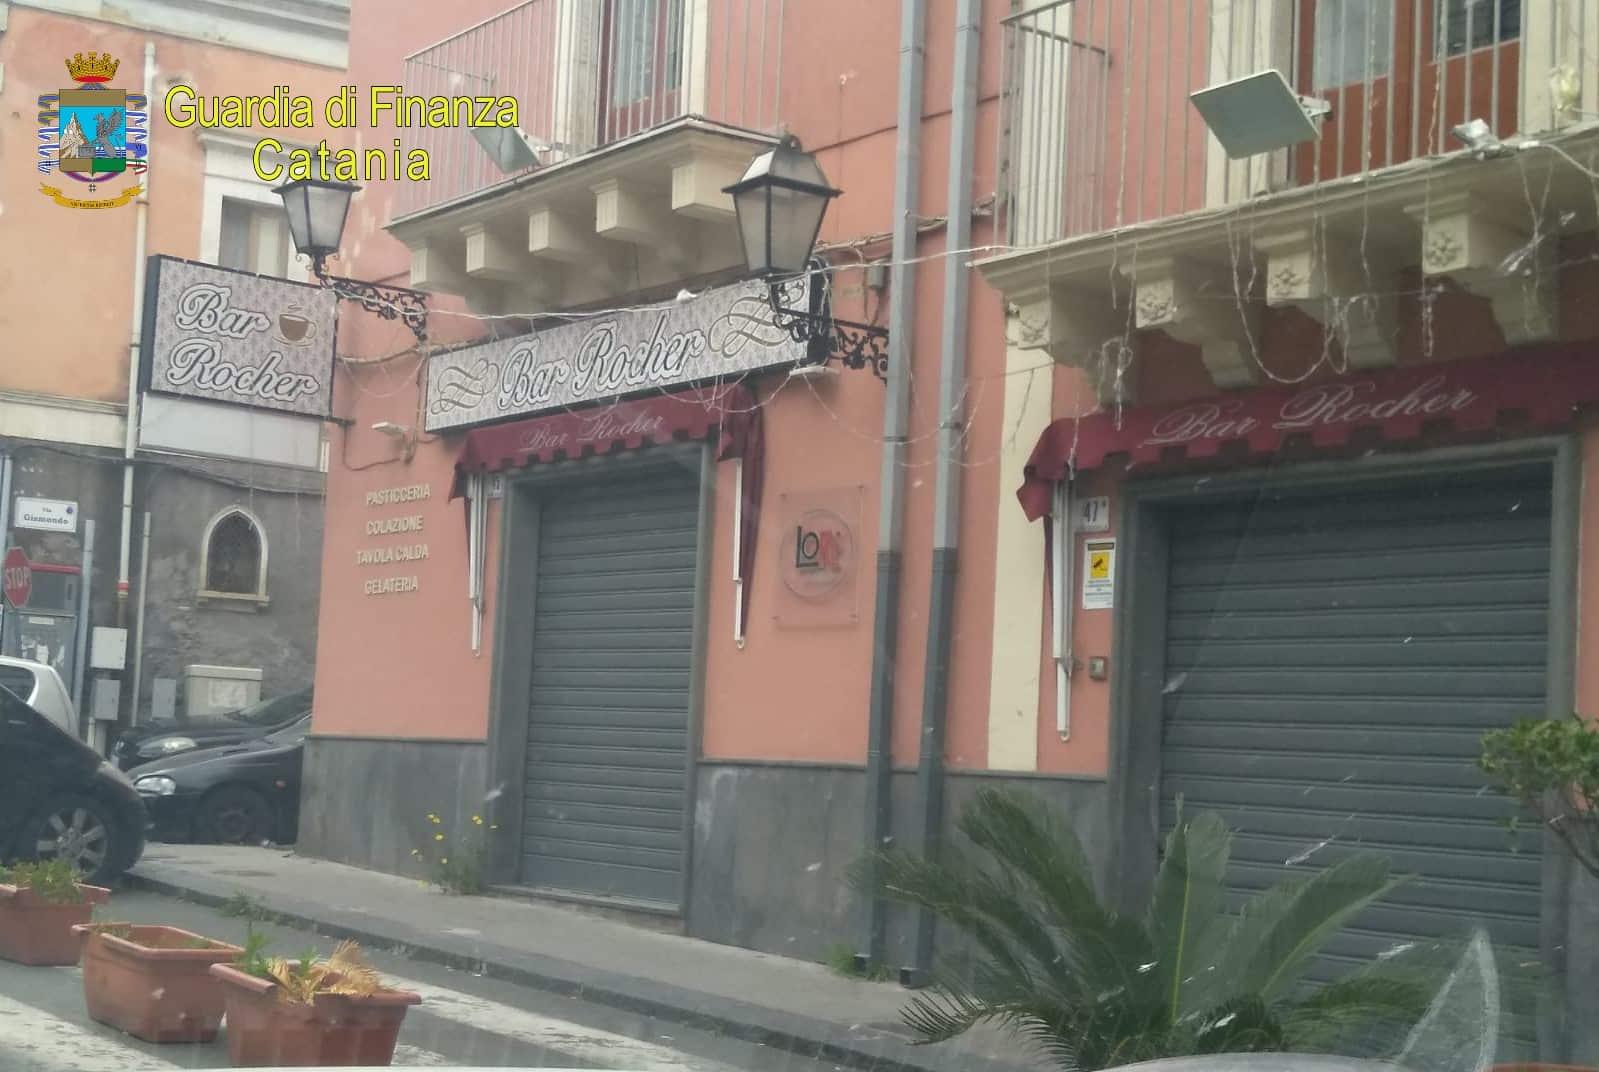 Catania, confiscato il Bar Rocher: nel mirino i beni di Giuseppe Vasta per oltre 200mila euro